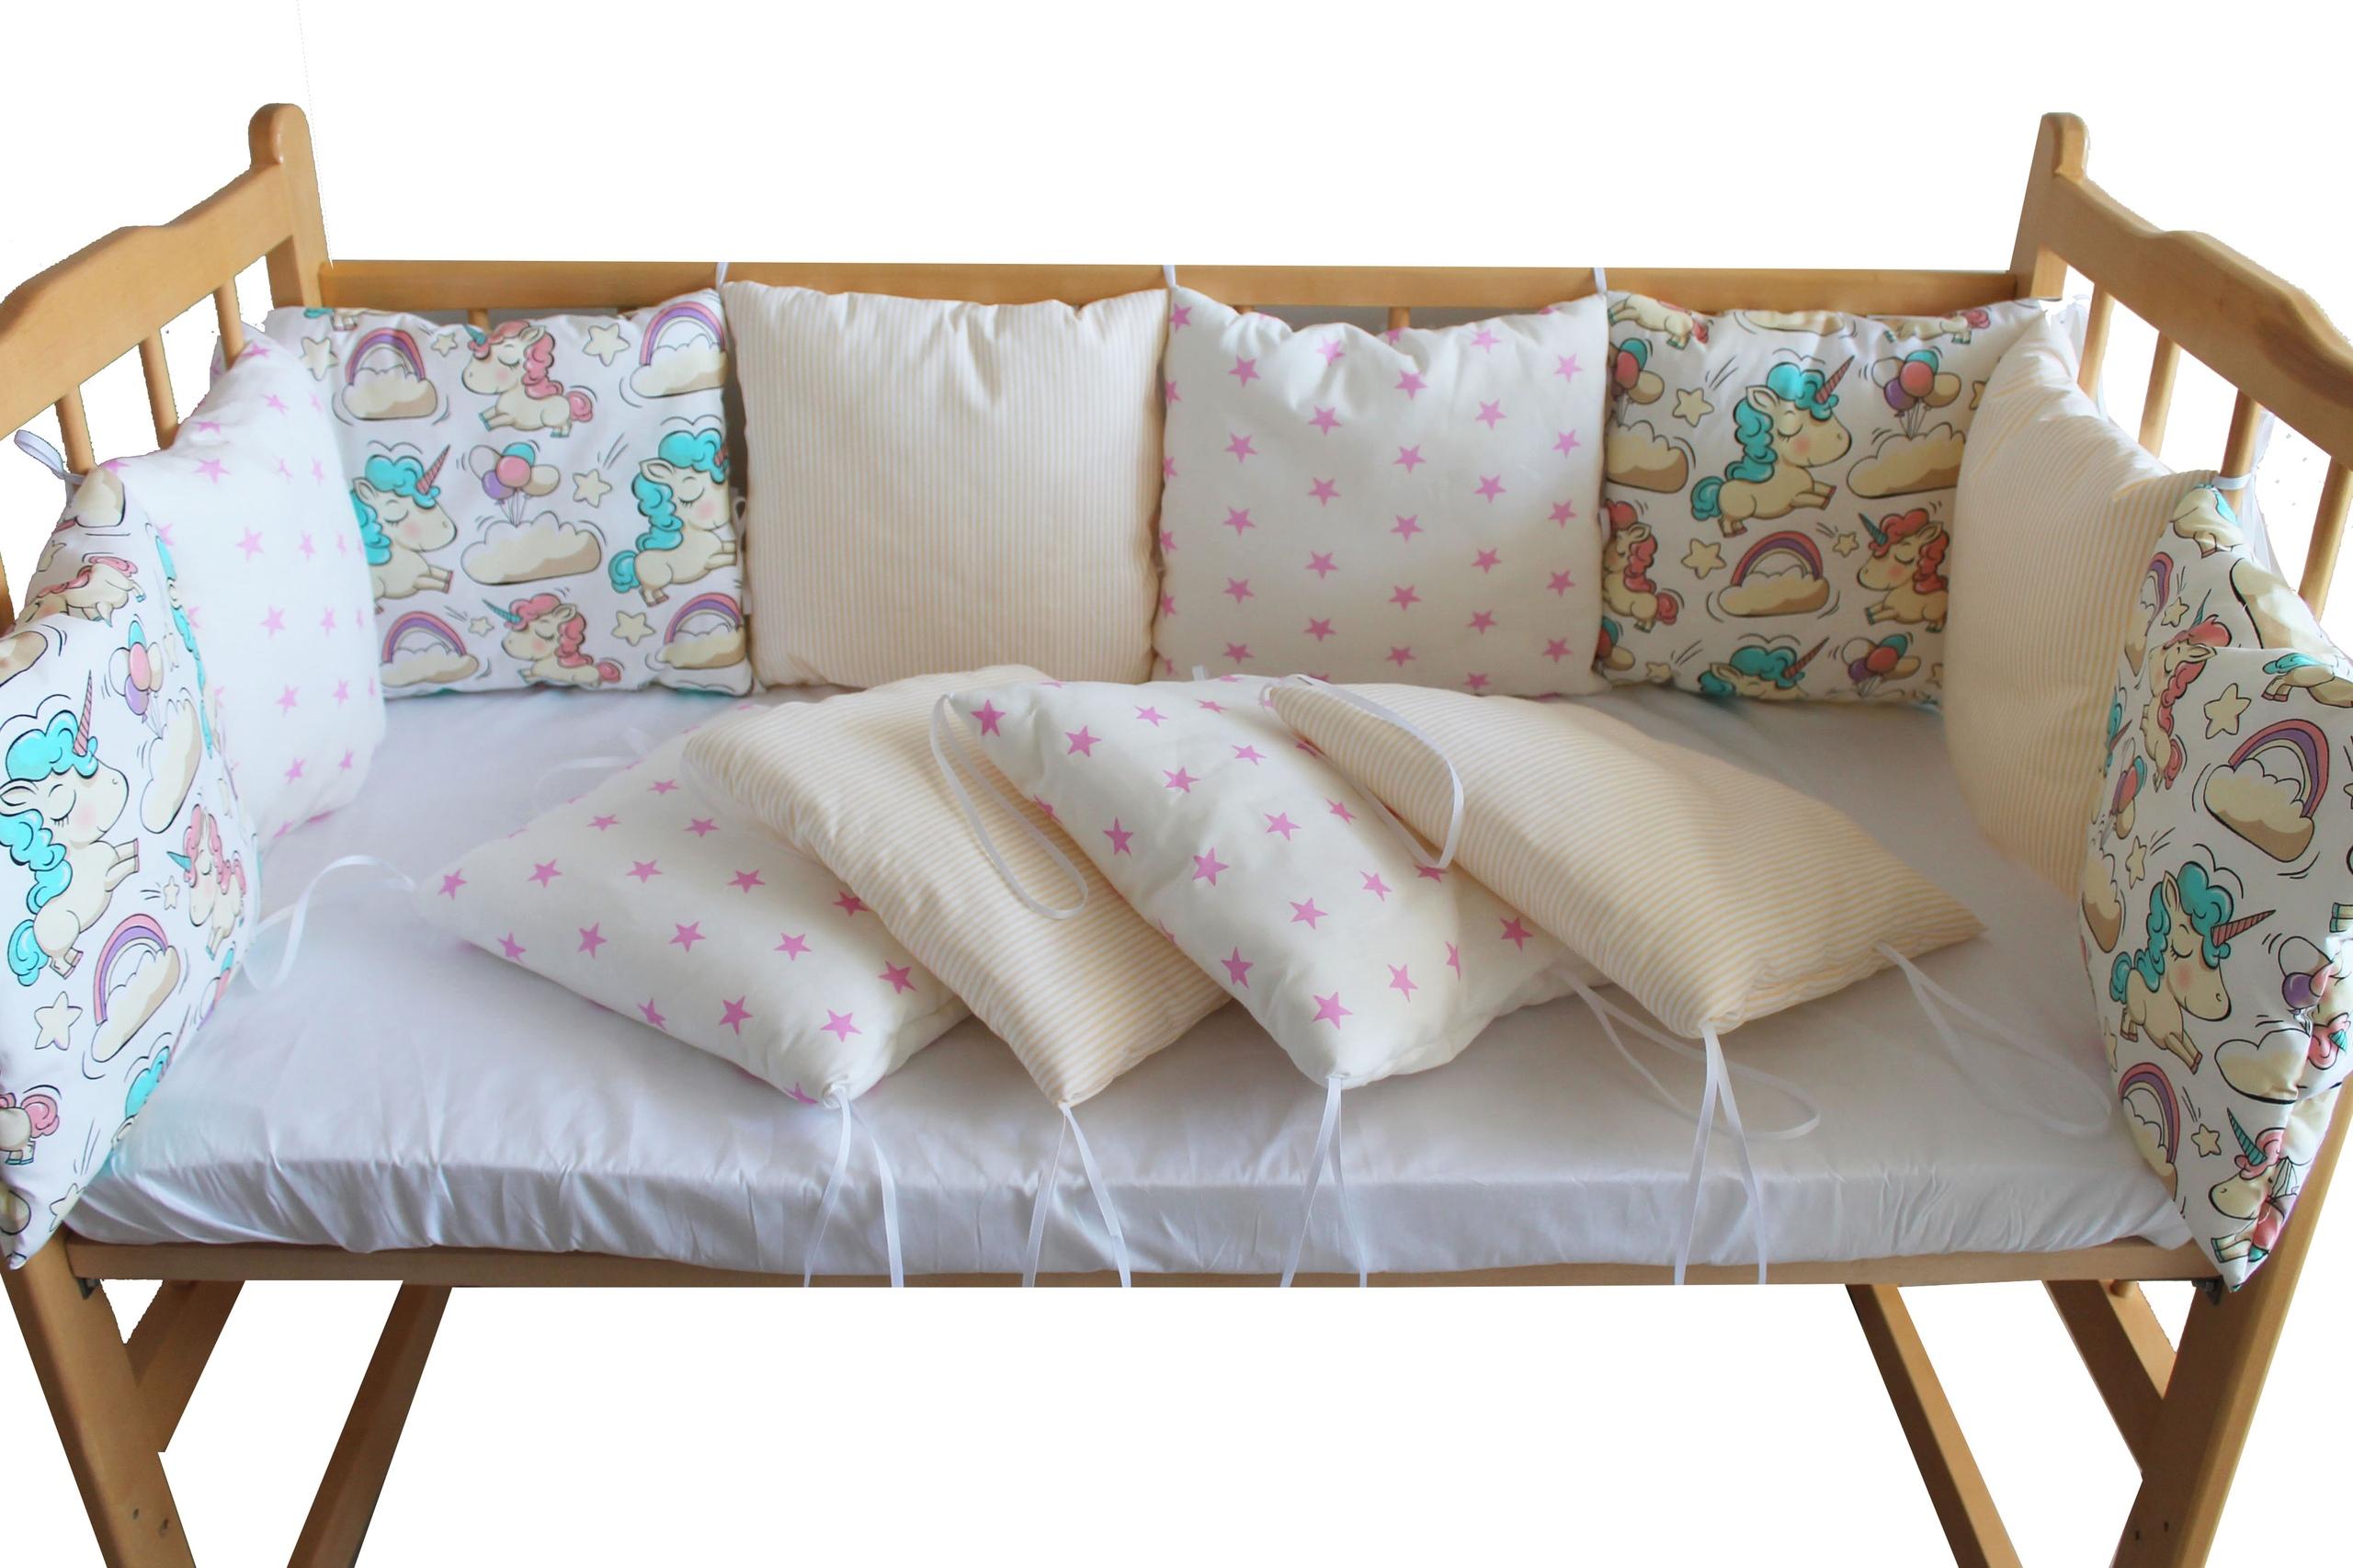 бортики в кроватку Комплект в кроватку Valena 121707